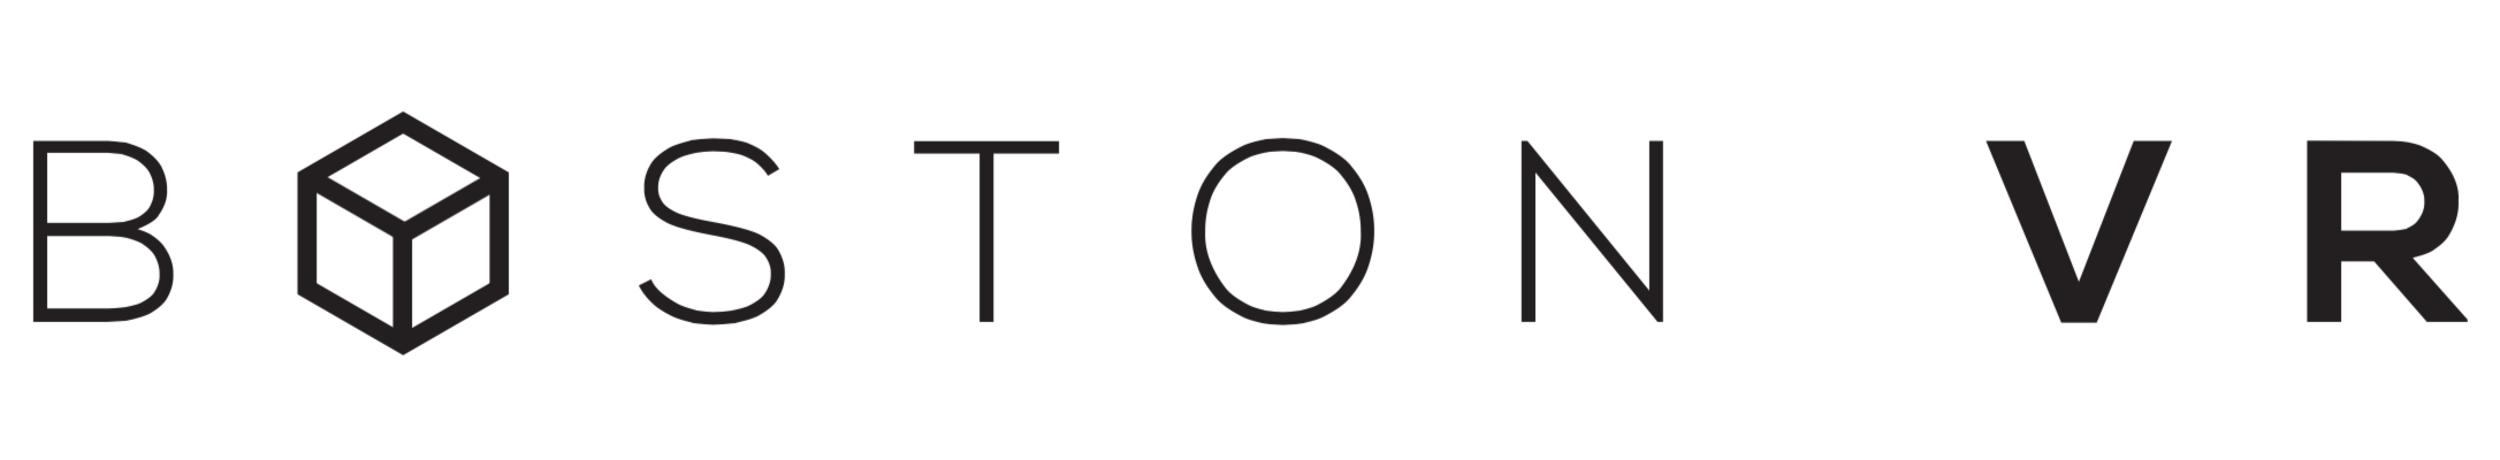 boston-vr-logo-sized.png